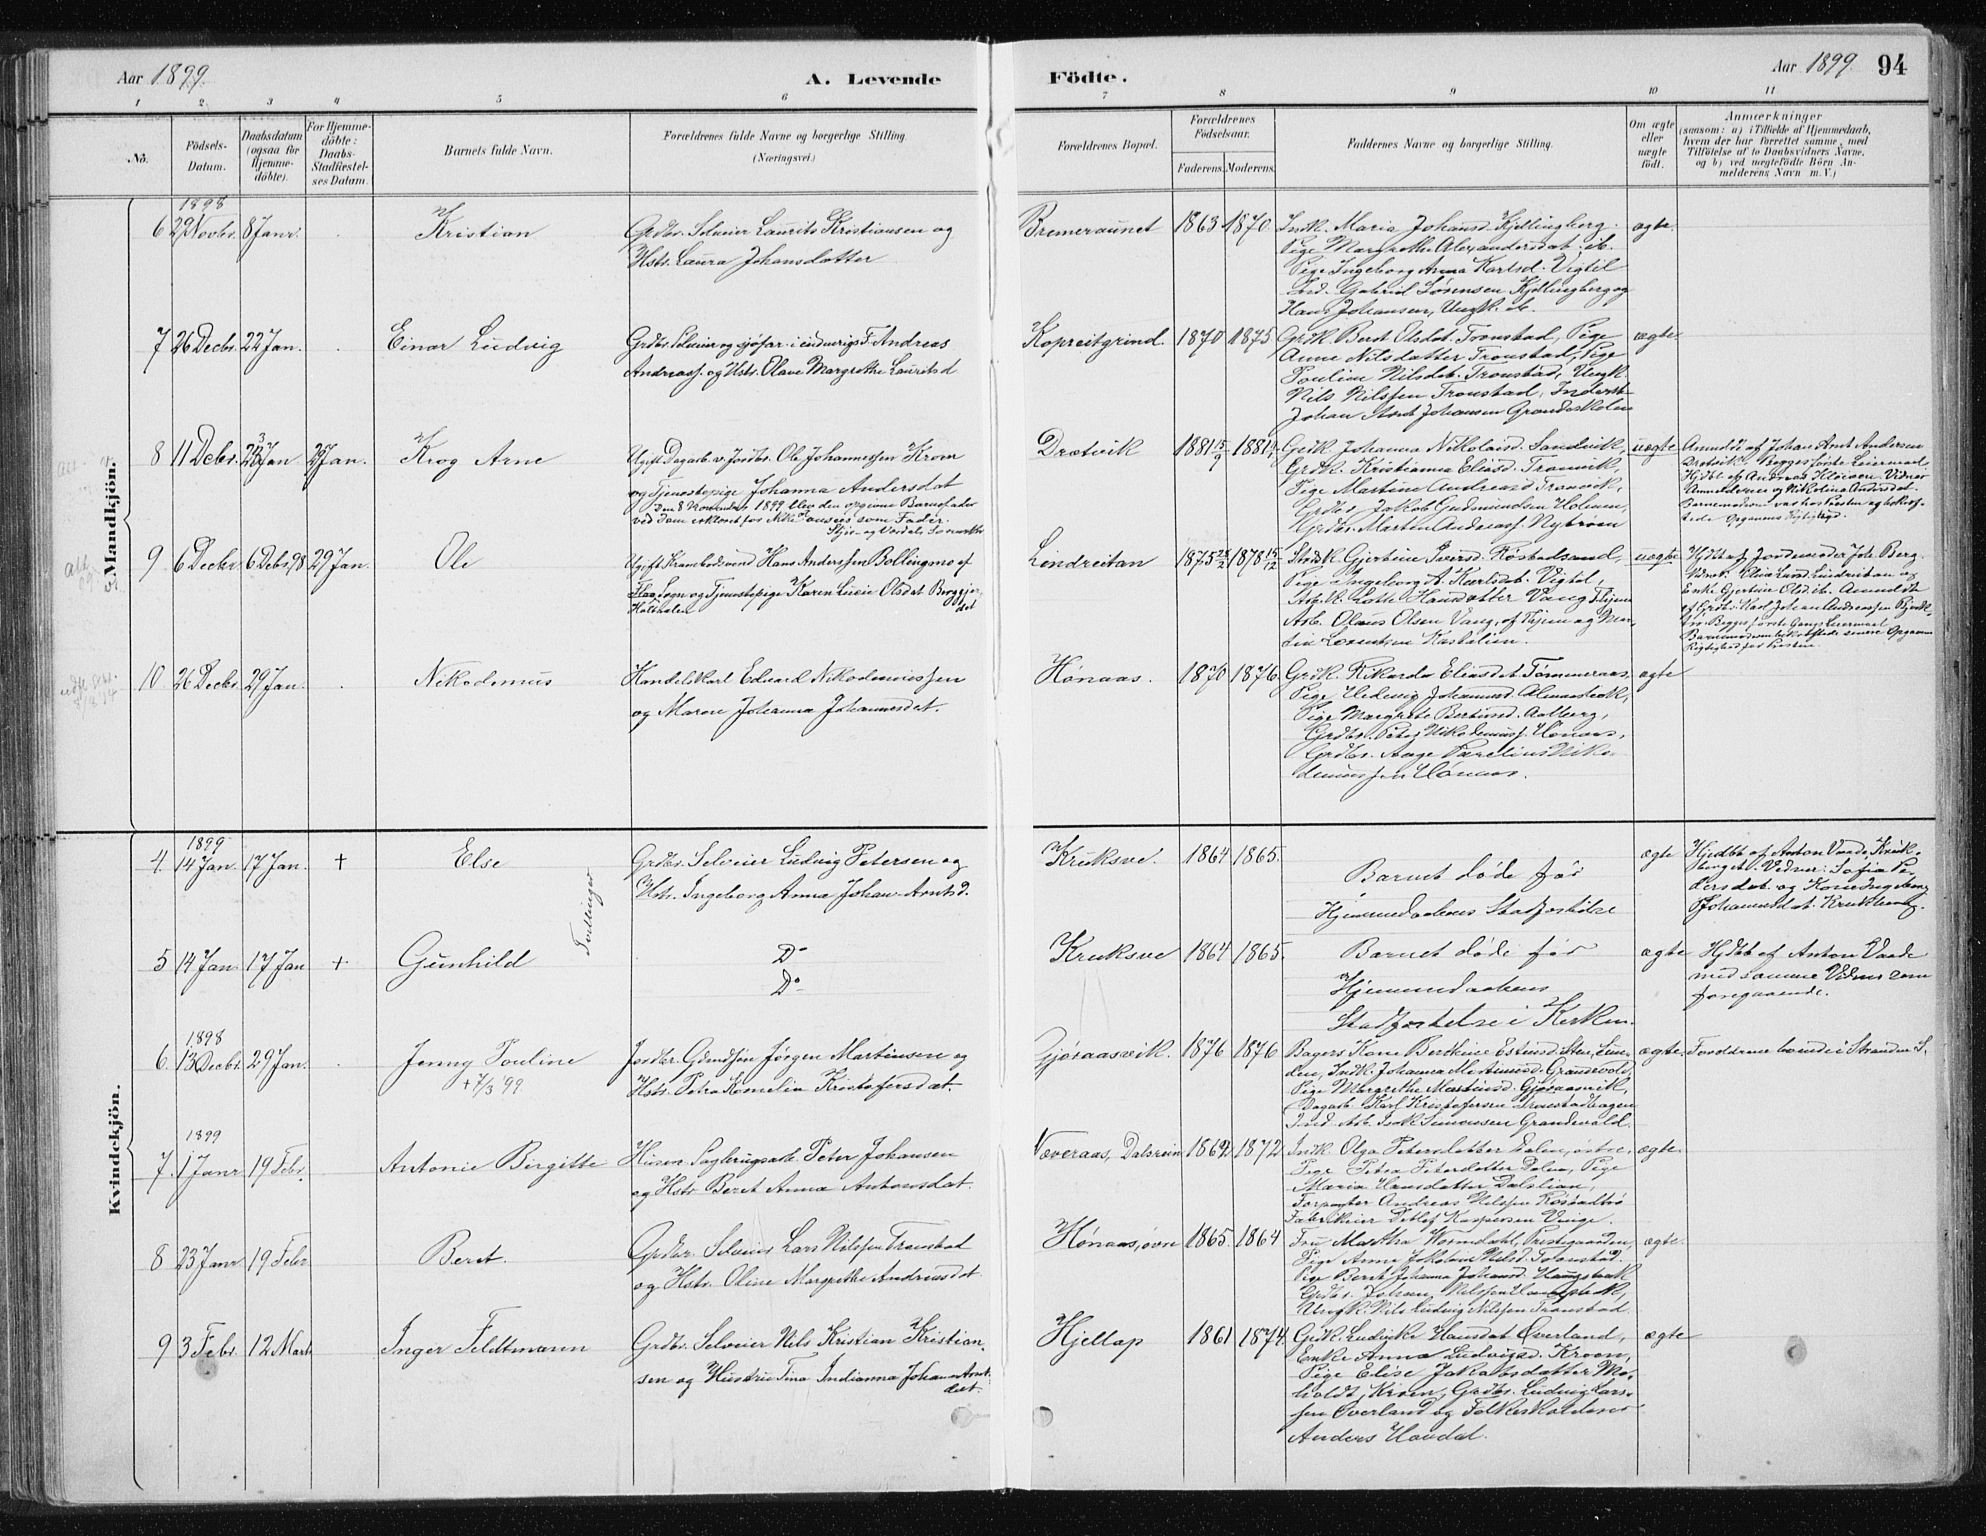 SAT, Ministerialprotokoller, klokkerbøker og fødselsregistre - Nord-Trøndelag, 701/L0010: Ministerialbok nr. 701A10, 1883-1899, s. 94